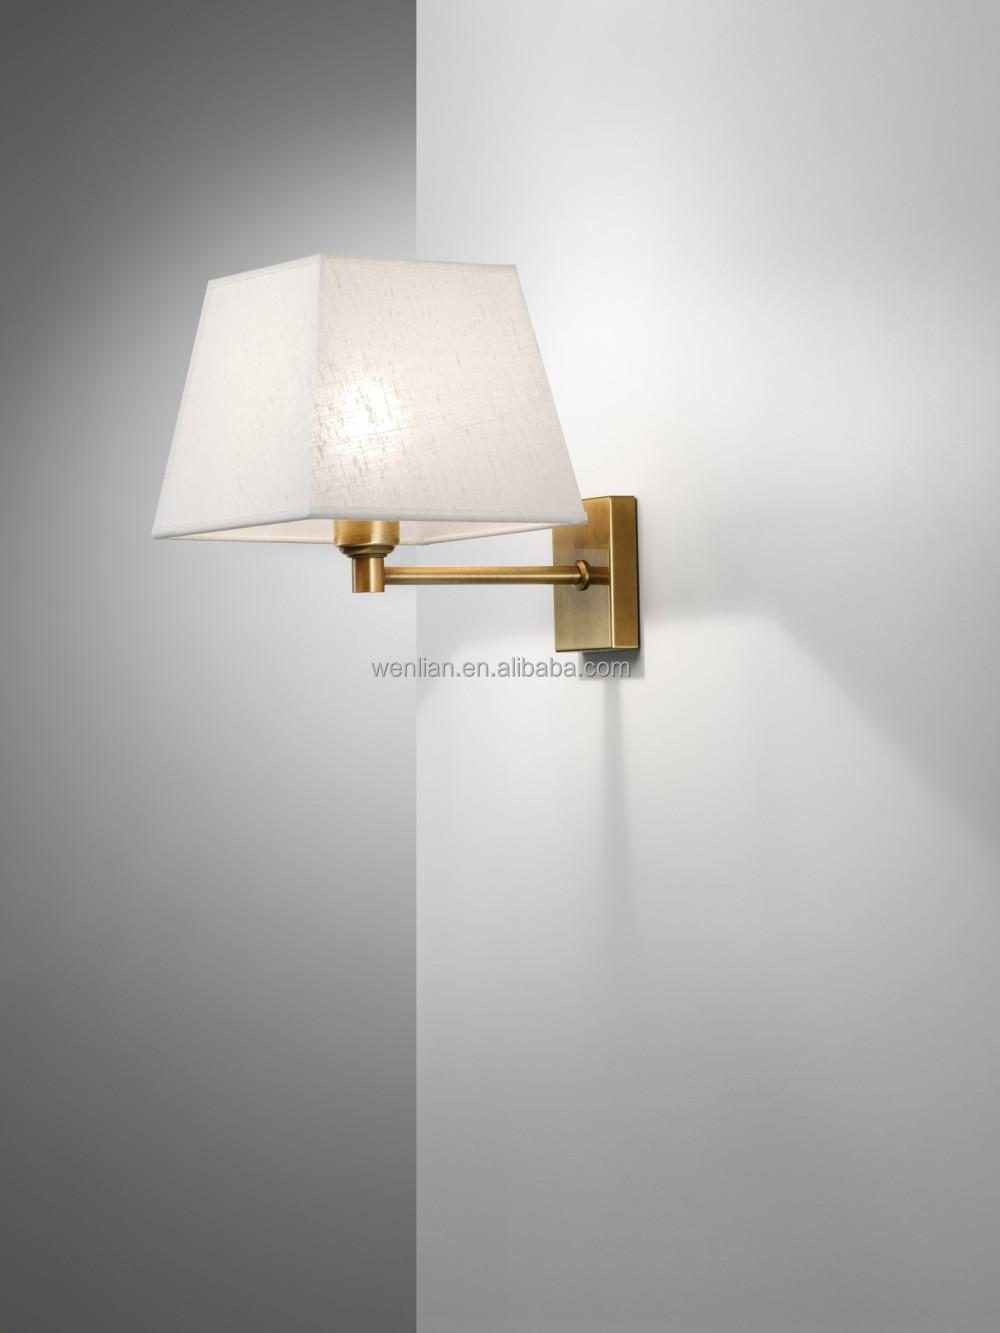 Original Design Hotel Wall Sconce/hotel Bedroom Wall Light